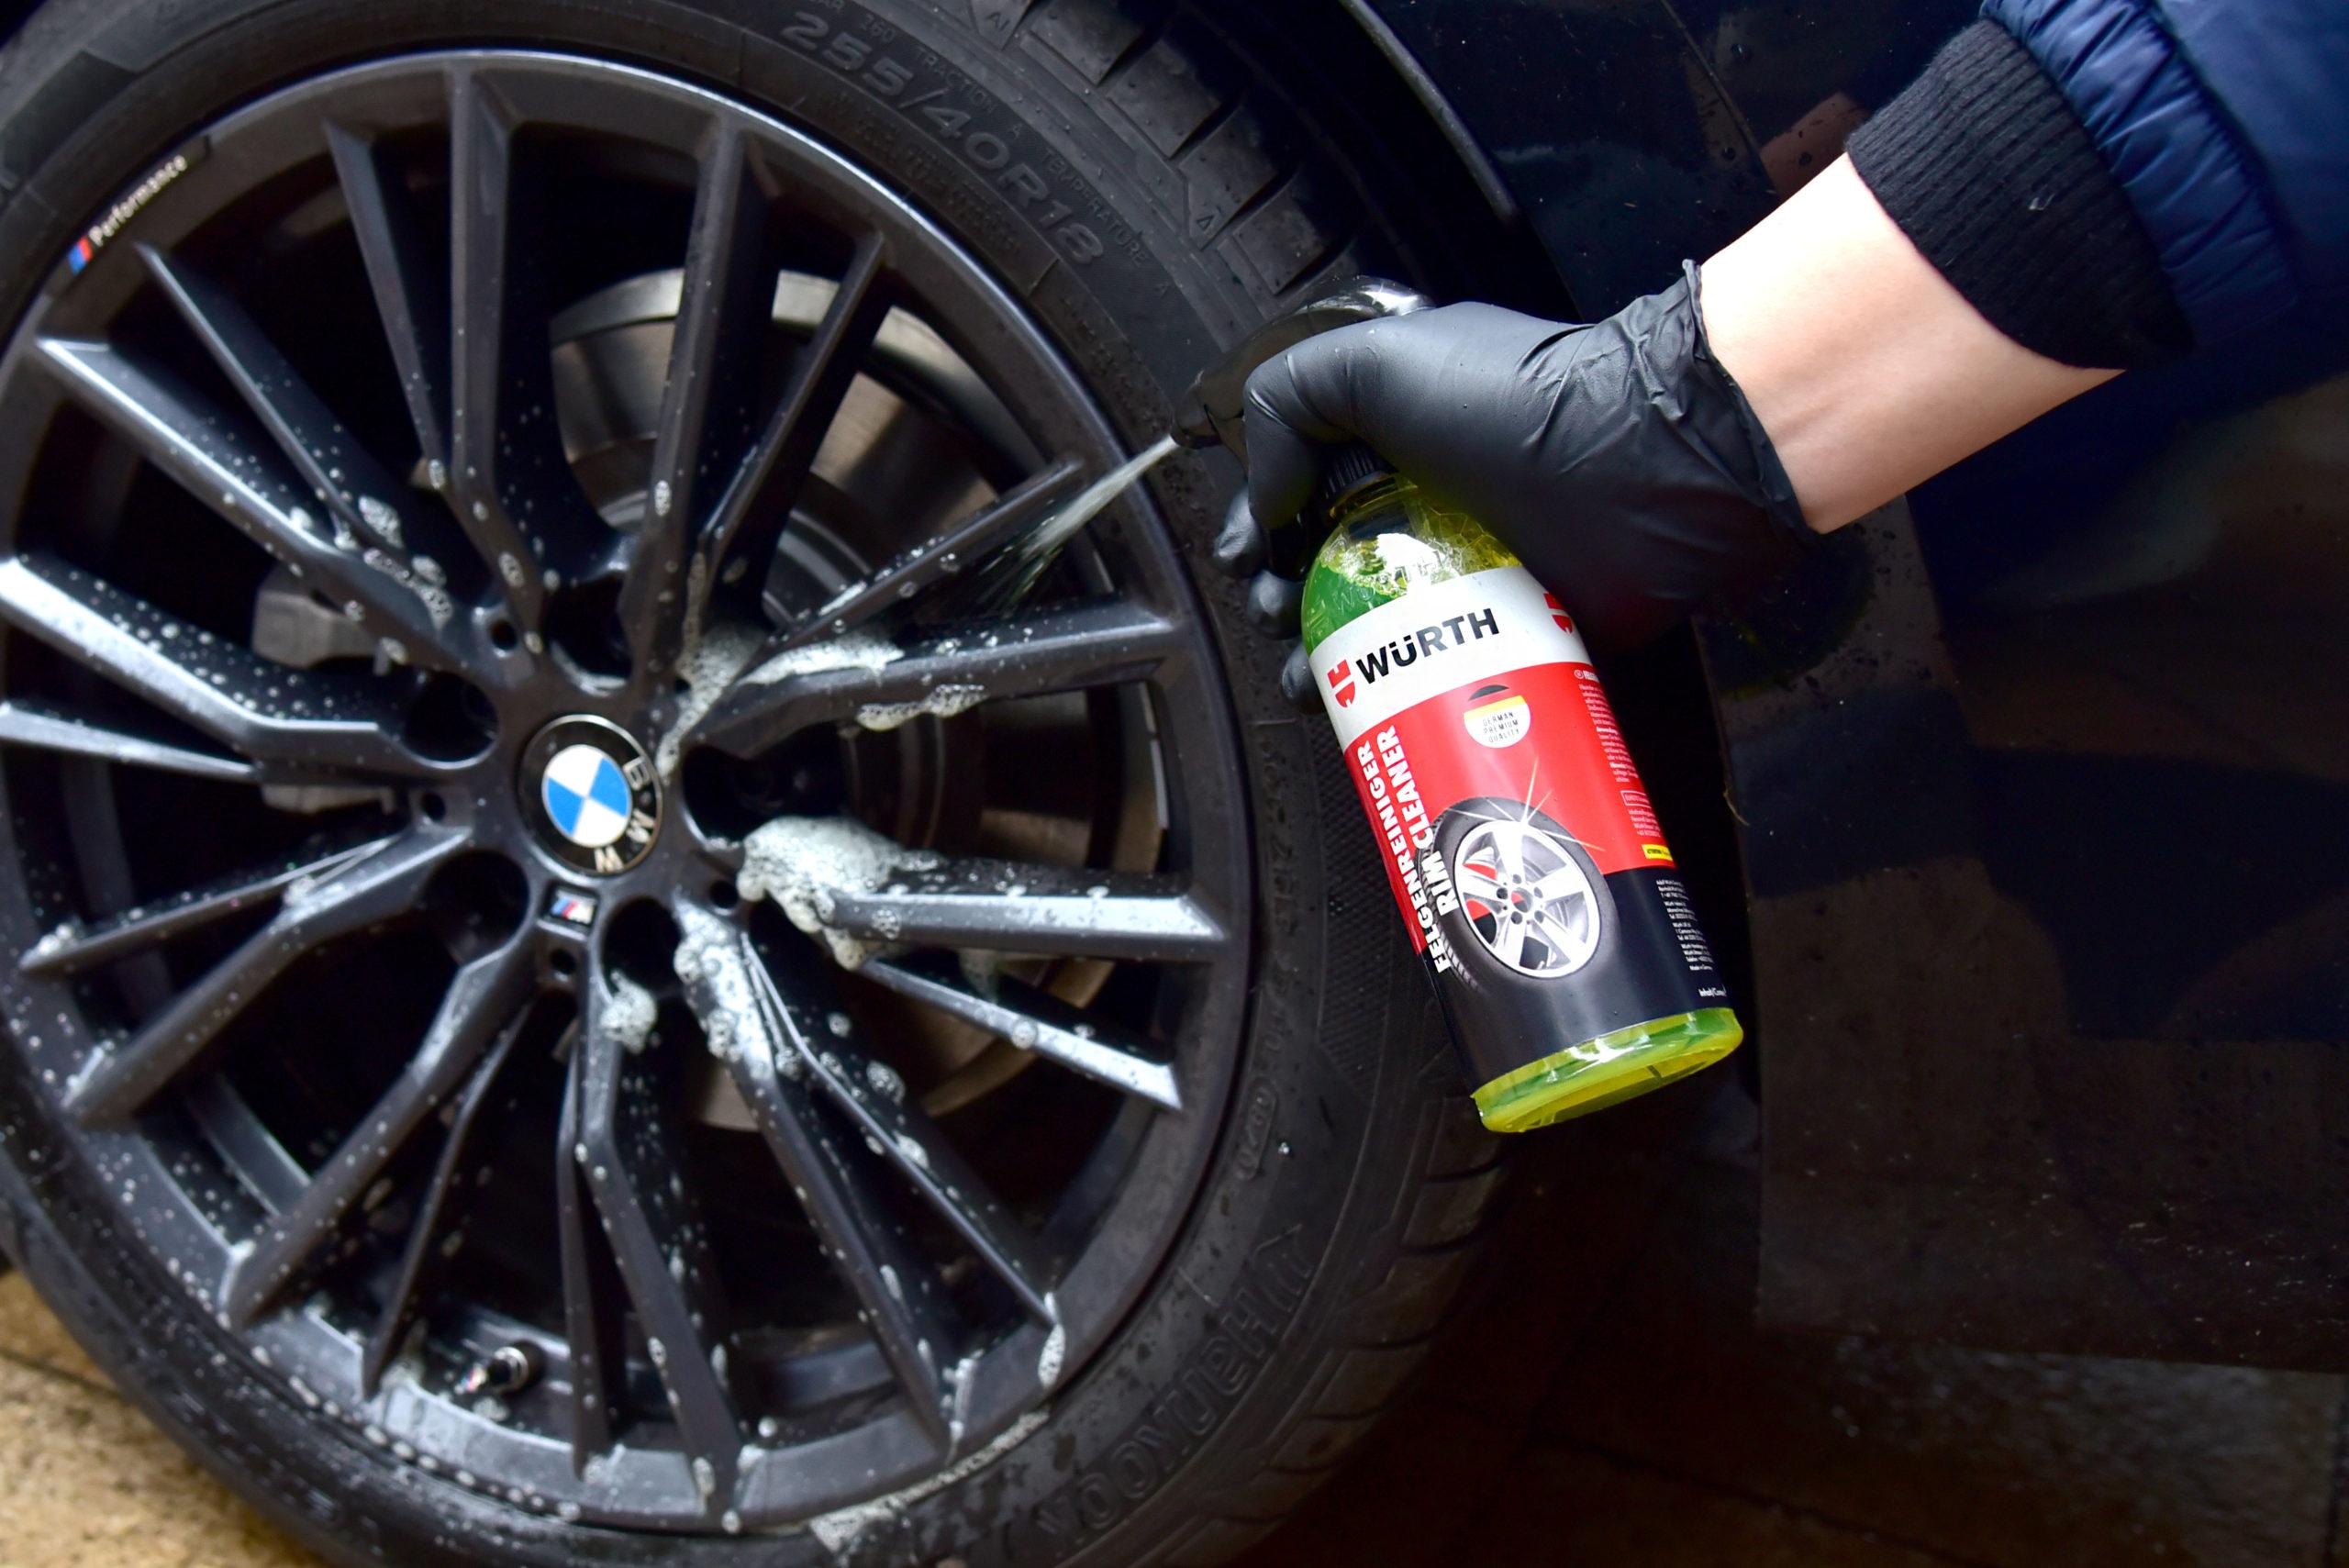 Nettoyage des véhicules : la « Consumer Line » dédiée à la revente